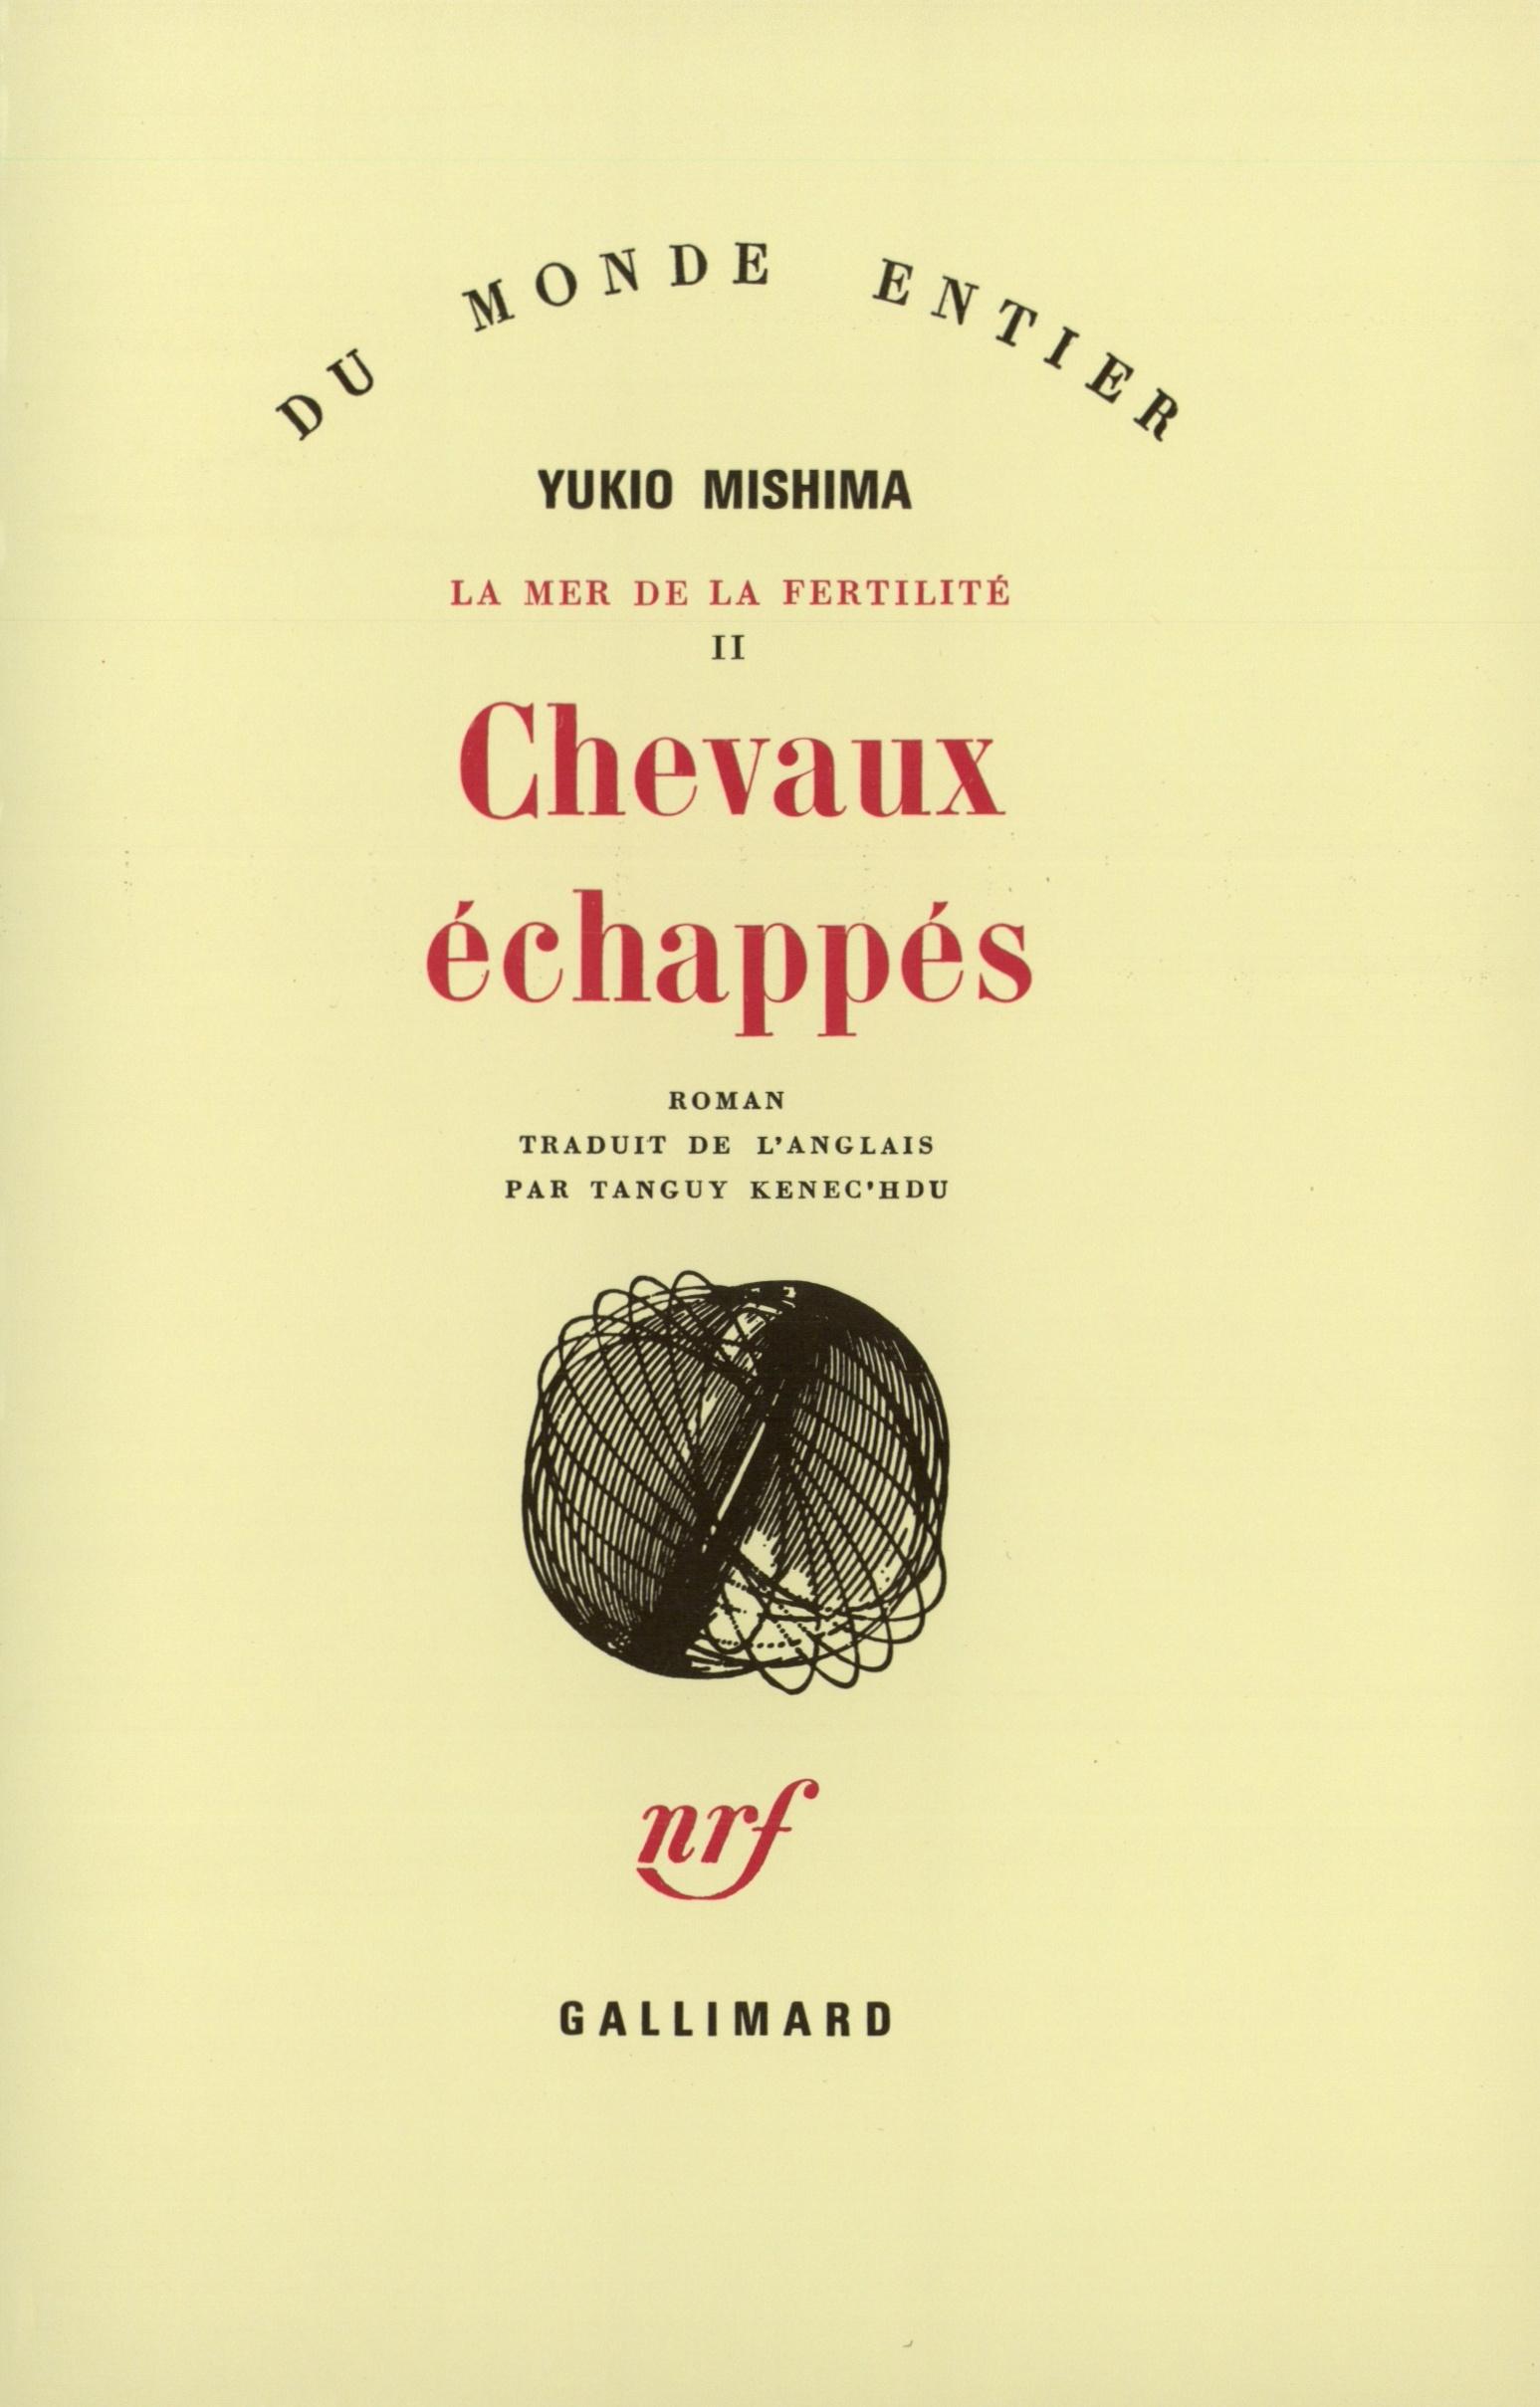 CHEVAUX ECHAPPES